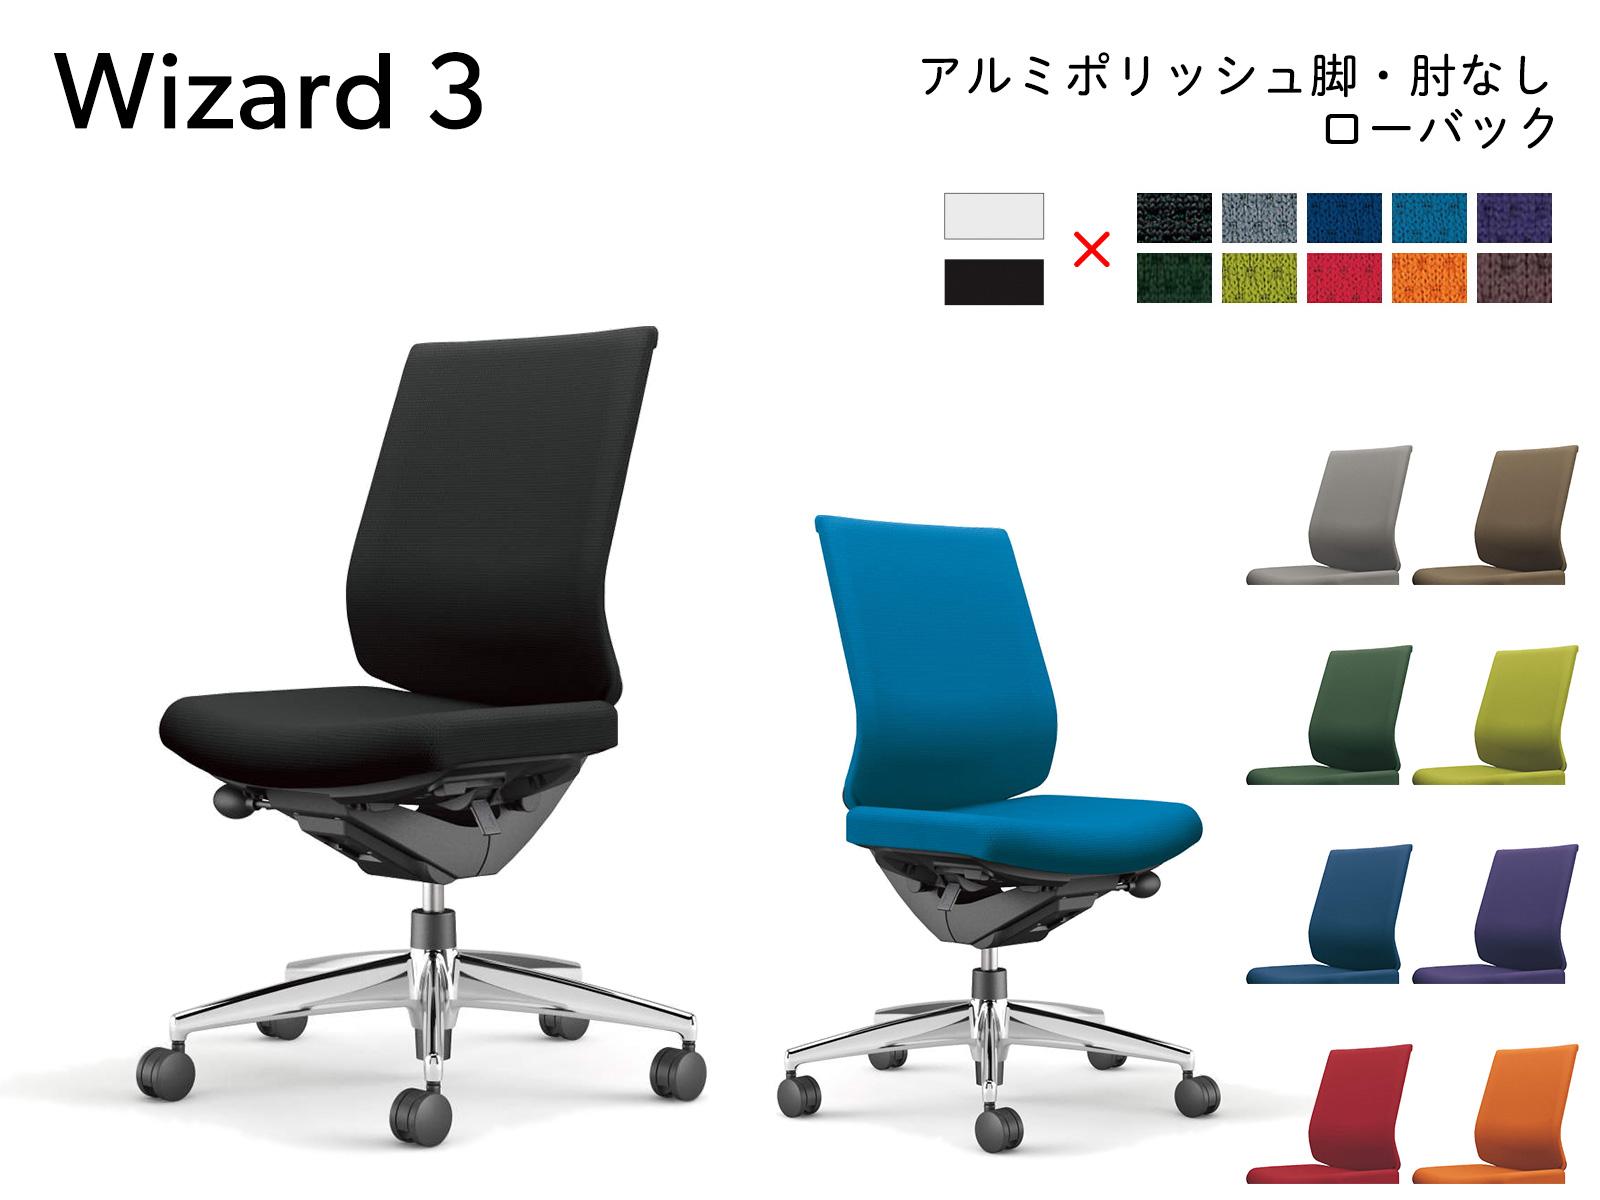 コクヨ オフィスチェア Wizard3 アルミポリッシュ脚 ローバック 肘なし ウィザード3 CR-A3620